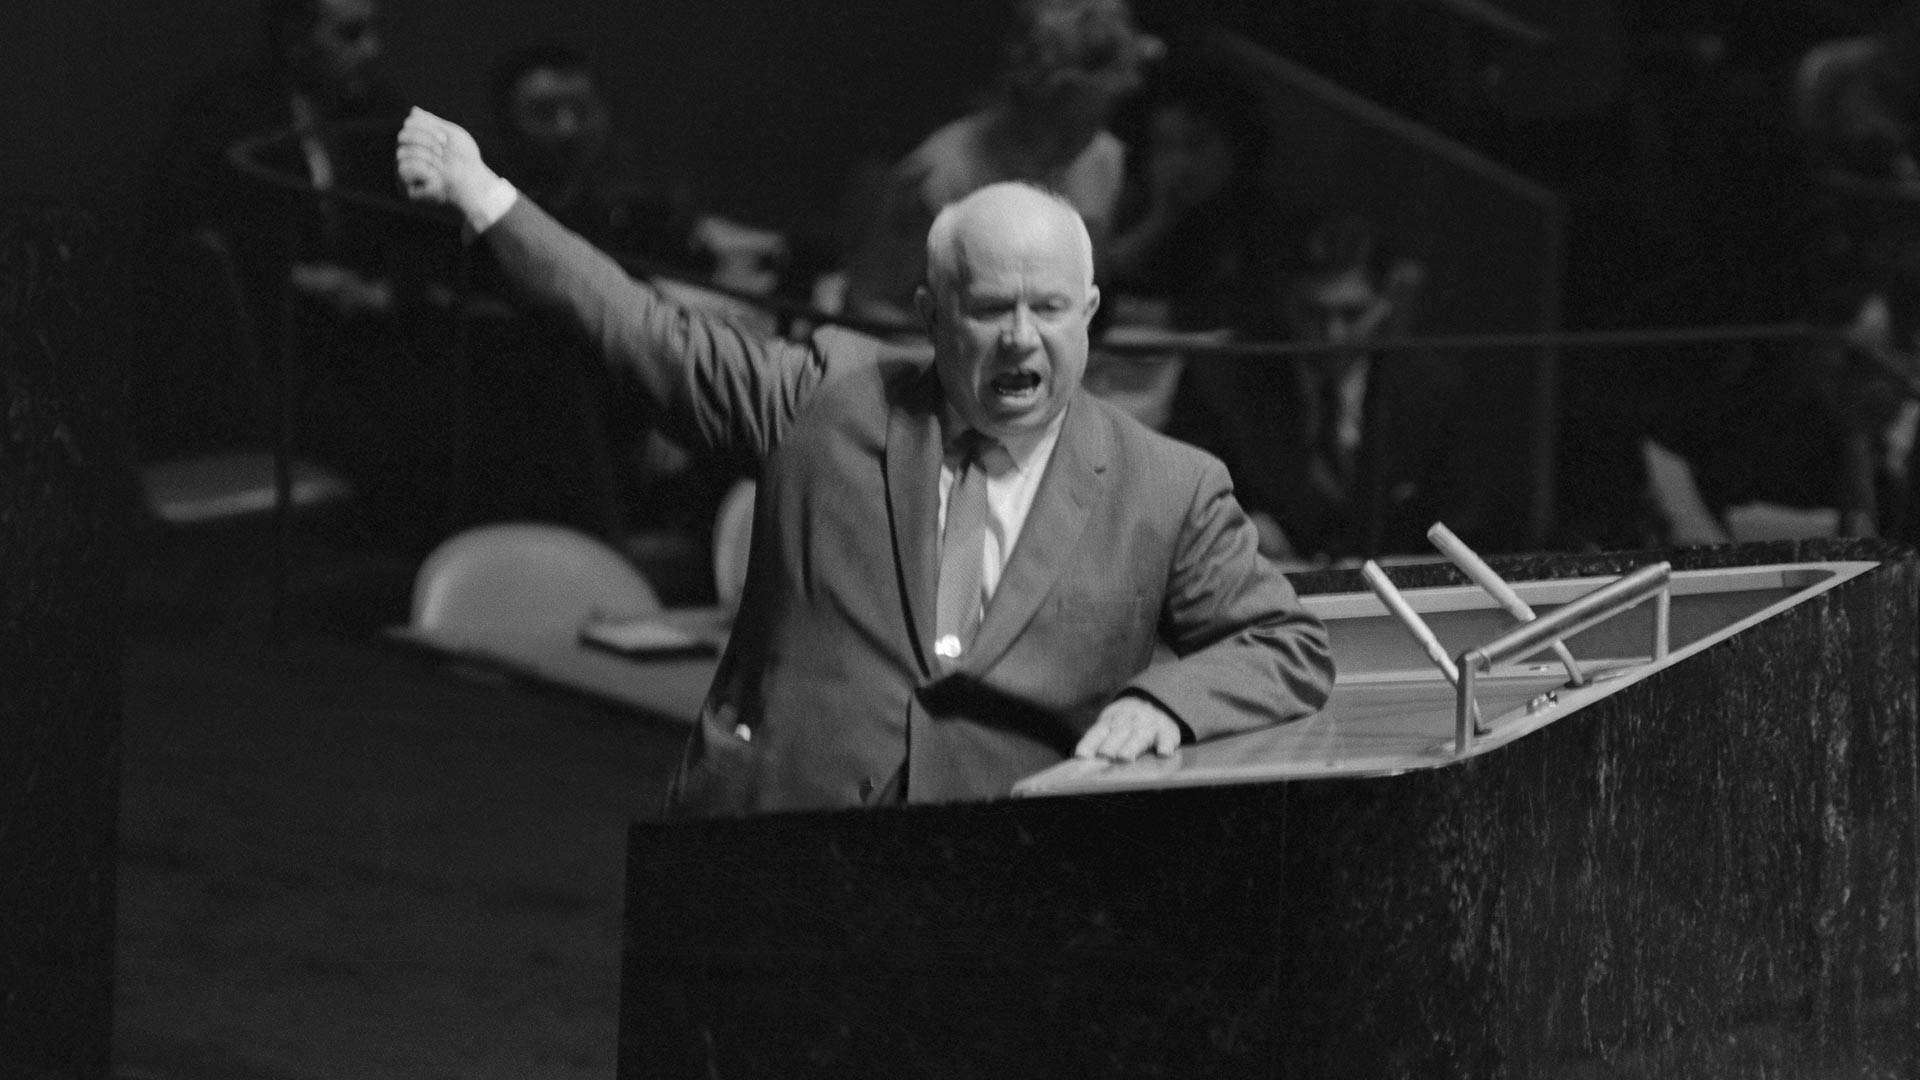 Hruščov gestikulira in kriči z govorniškega odra Generalne skupščine ZN in od predsedujočega Frederica Bolanda zahteva, da odvzame besedo Lorenzu Sumulongu s Filipinov, ki je predlagal »dekolonizacijo vzhodne Evrope s strani ZSSR«. Zasedanje Generalne skupščine ZN, 12. oktobra 1960.